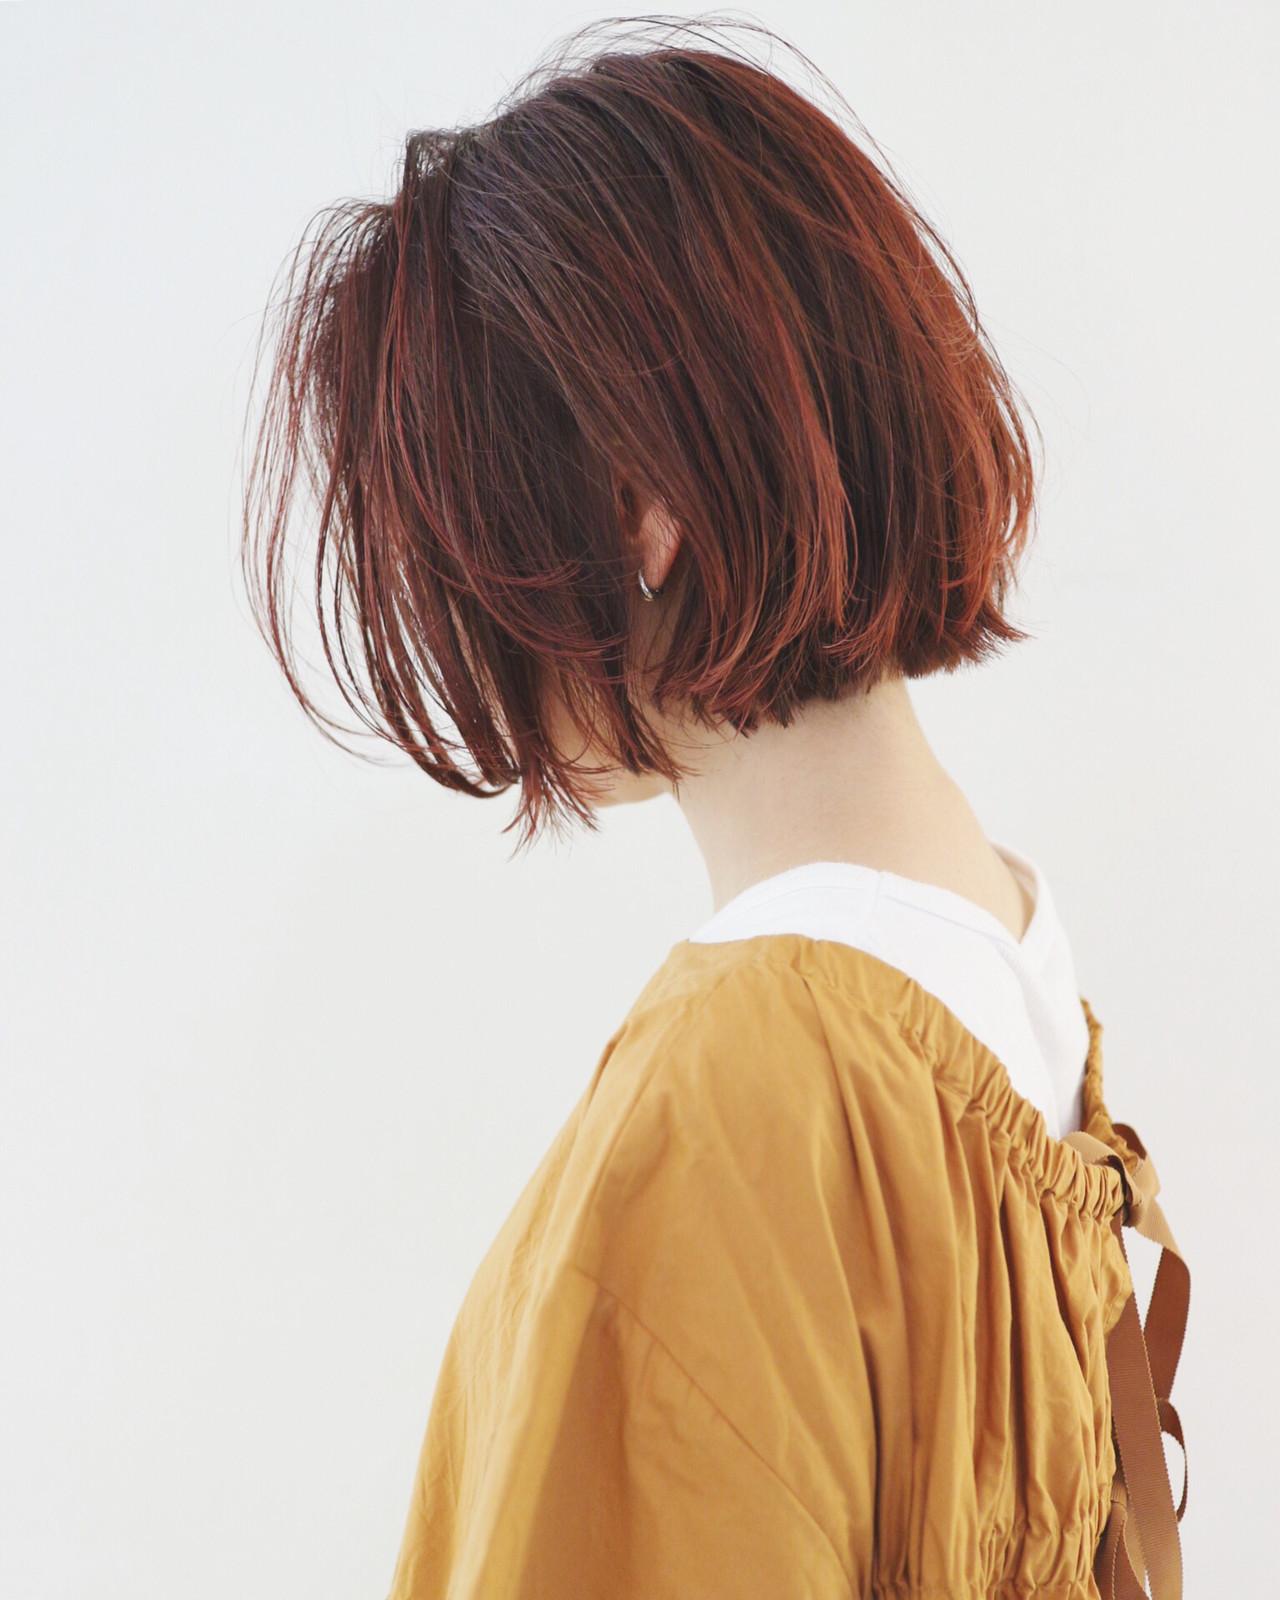 グラデーションカラー ストリート 外ハネボブ ミニボブ ヘアスタイルや髪型の写真・画像